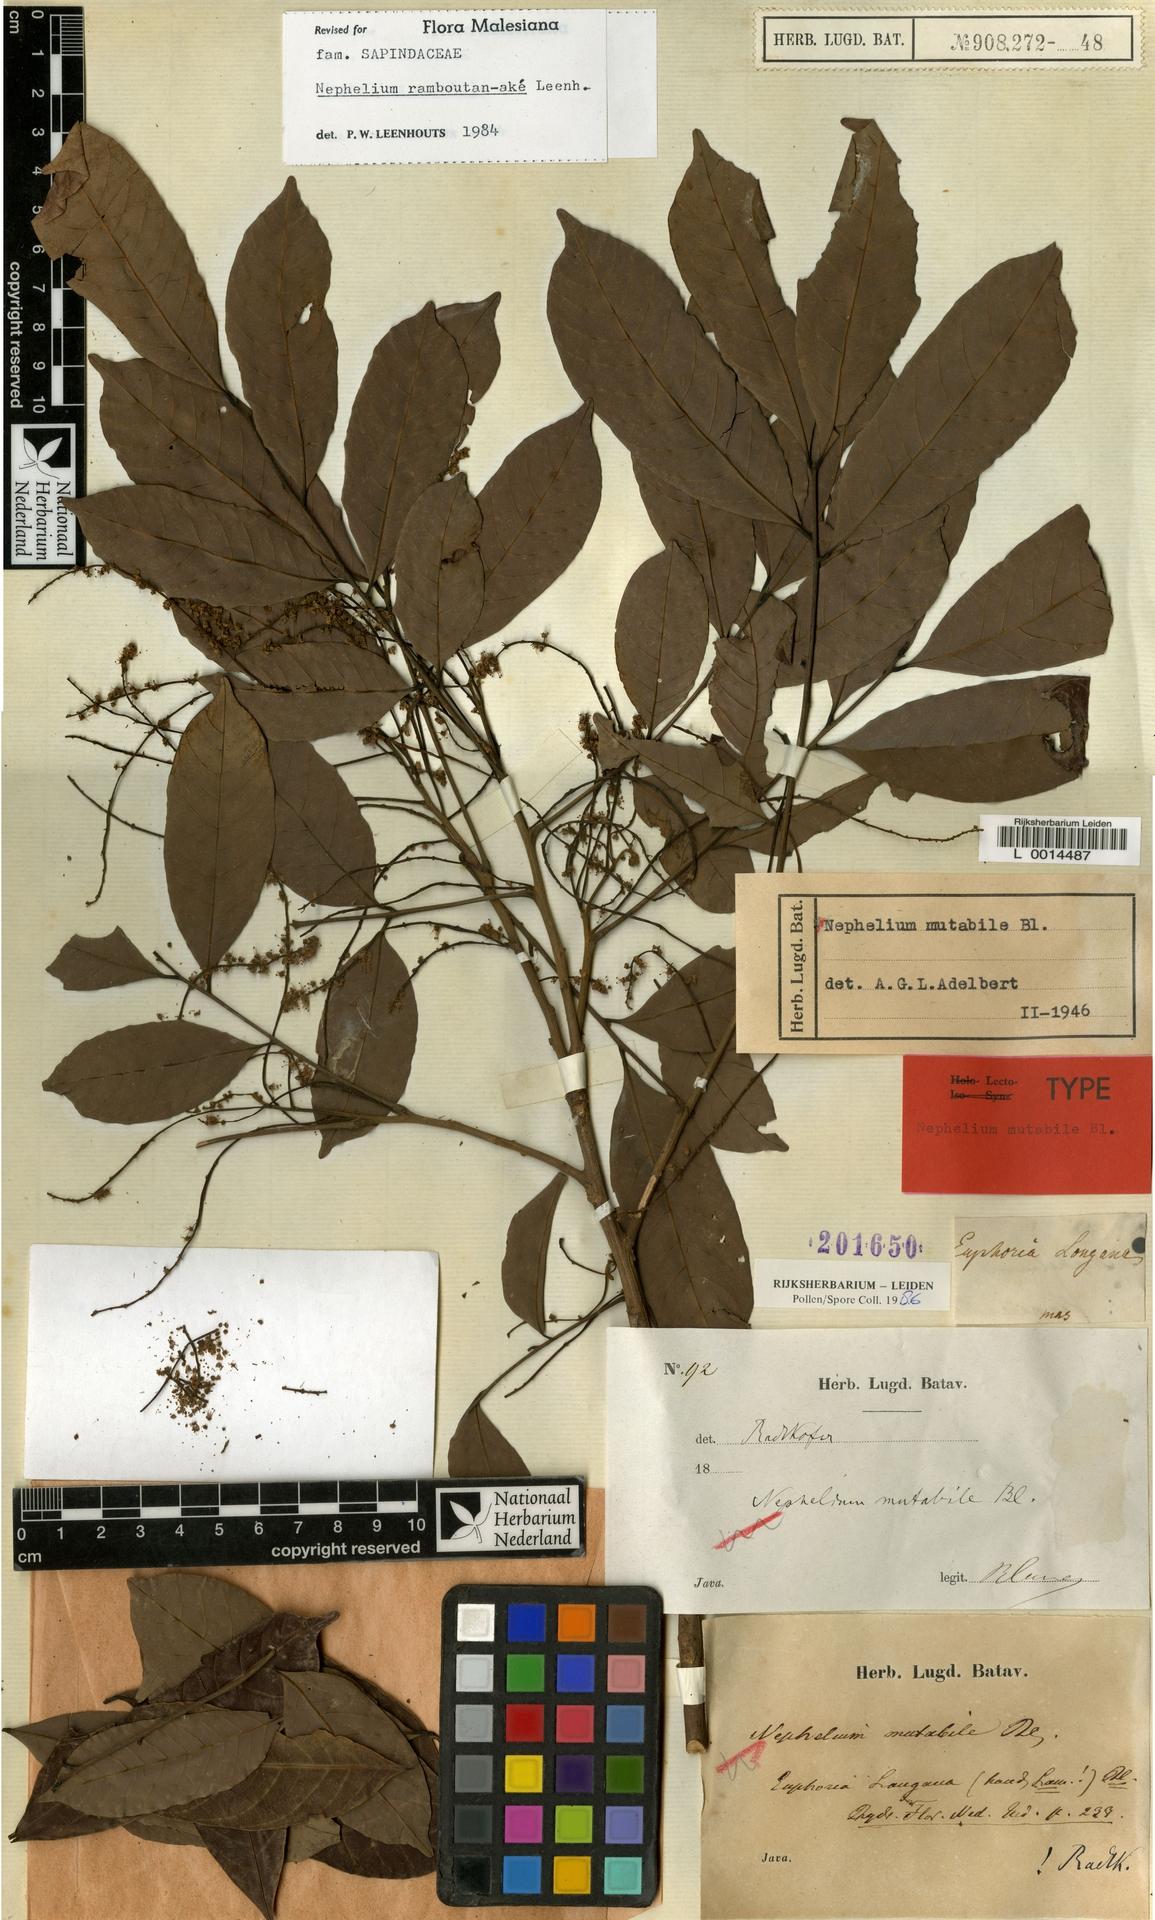 L  0014487   Nephelium ramboutan-ake (Labill.) Leenh.